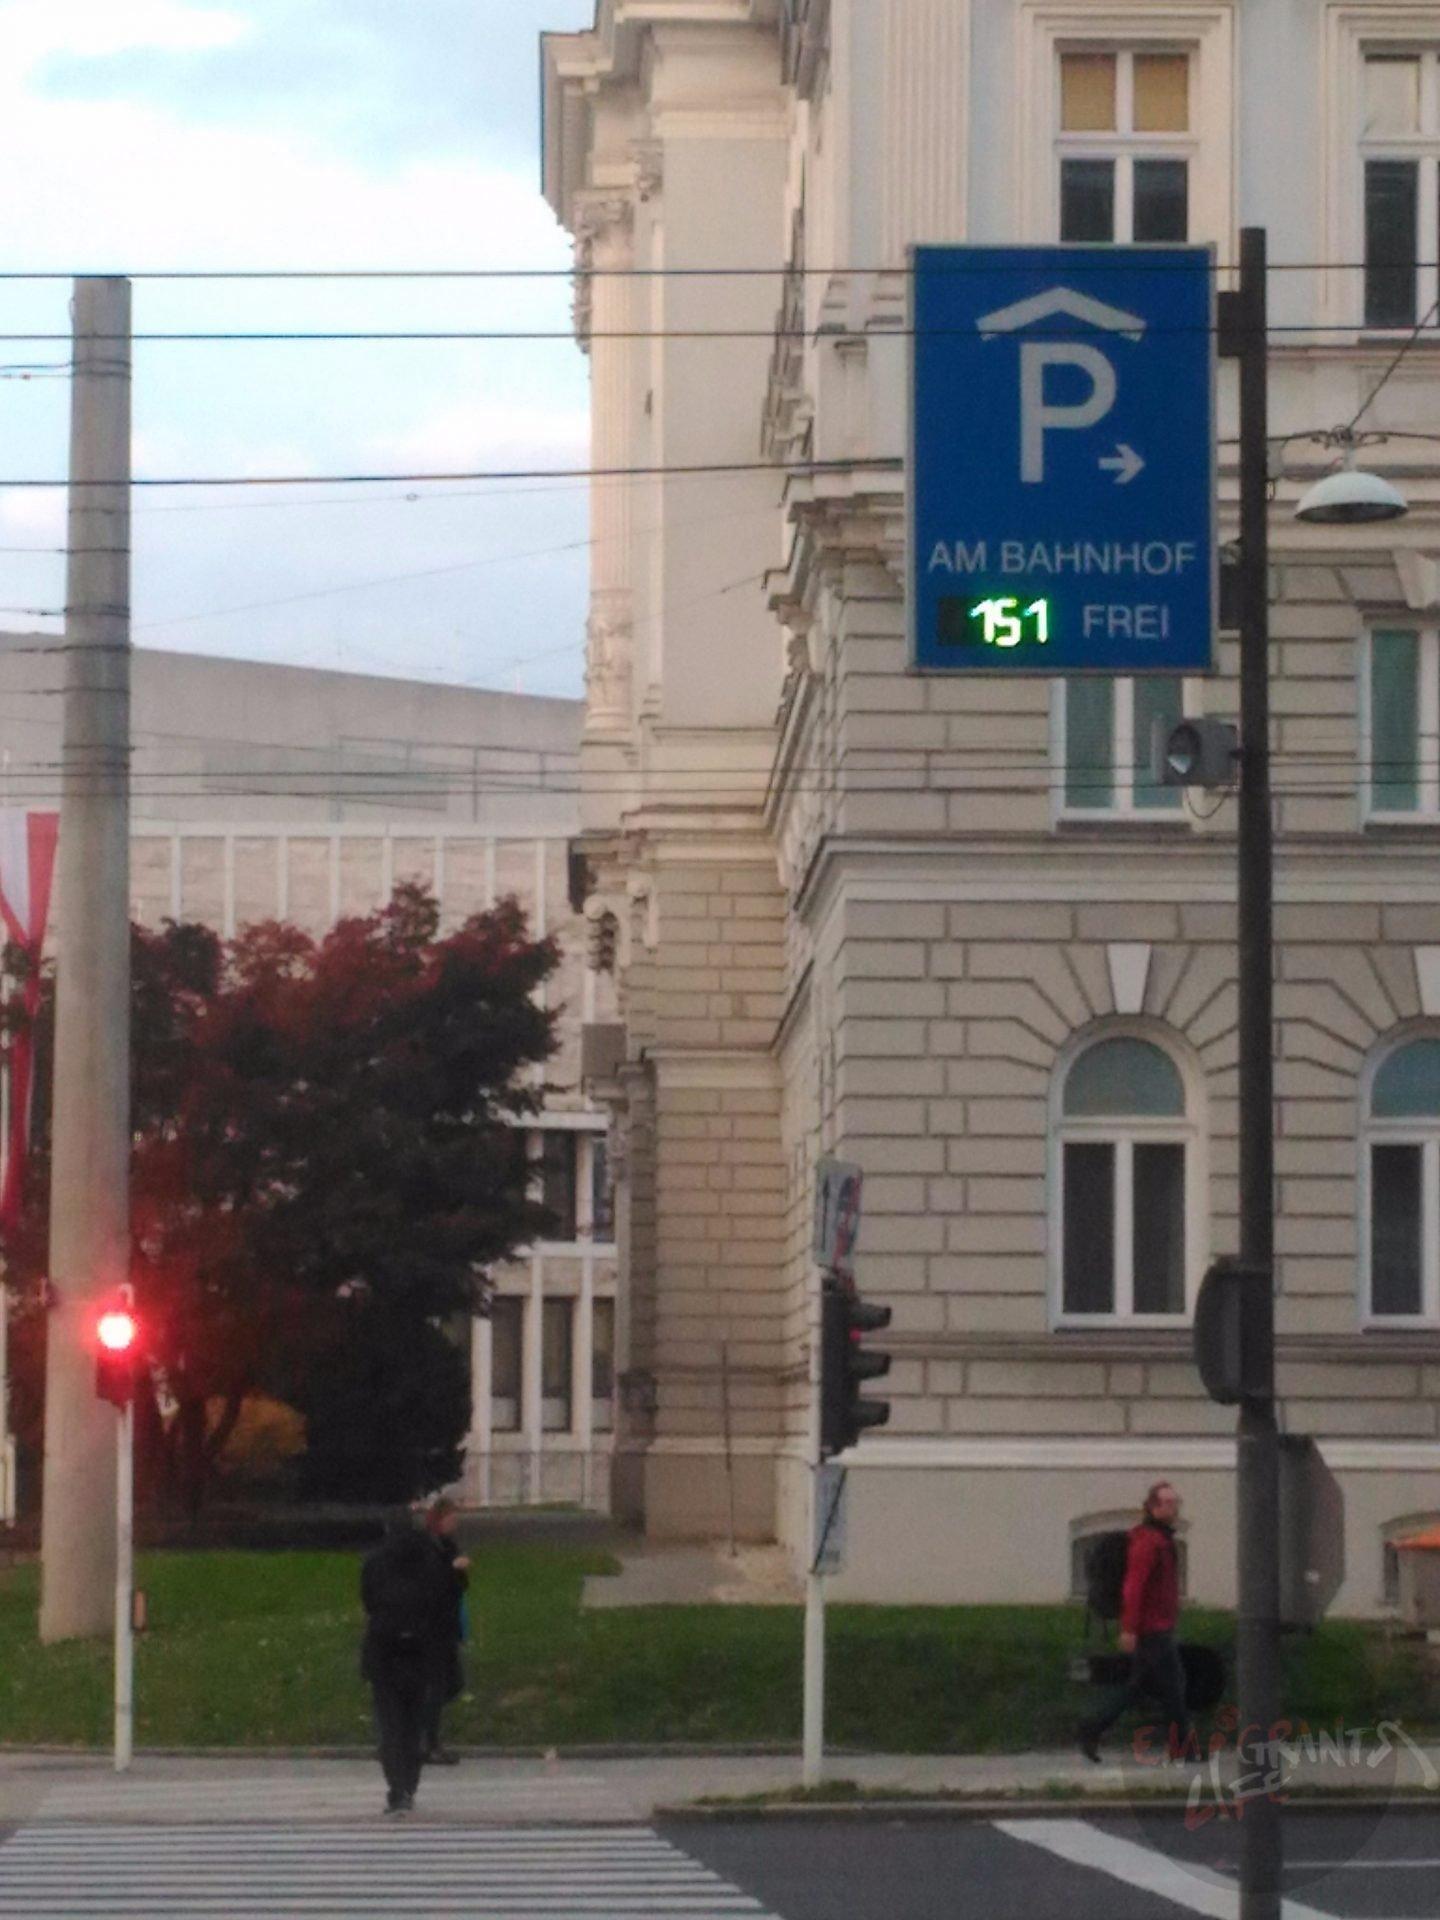 Дорожный указатель направления движения к парковке с указанным числом свободных мест